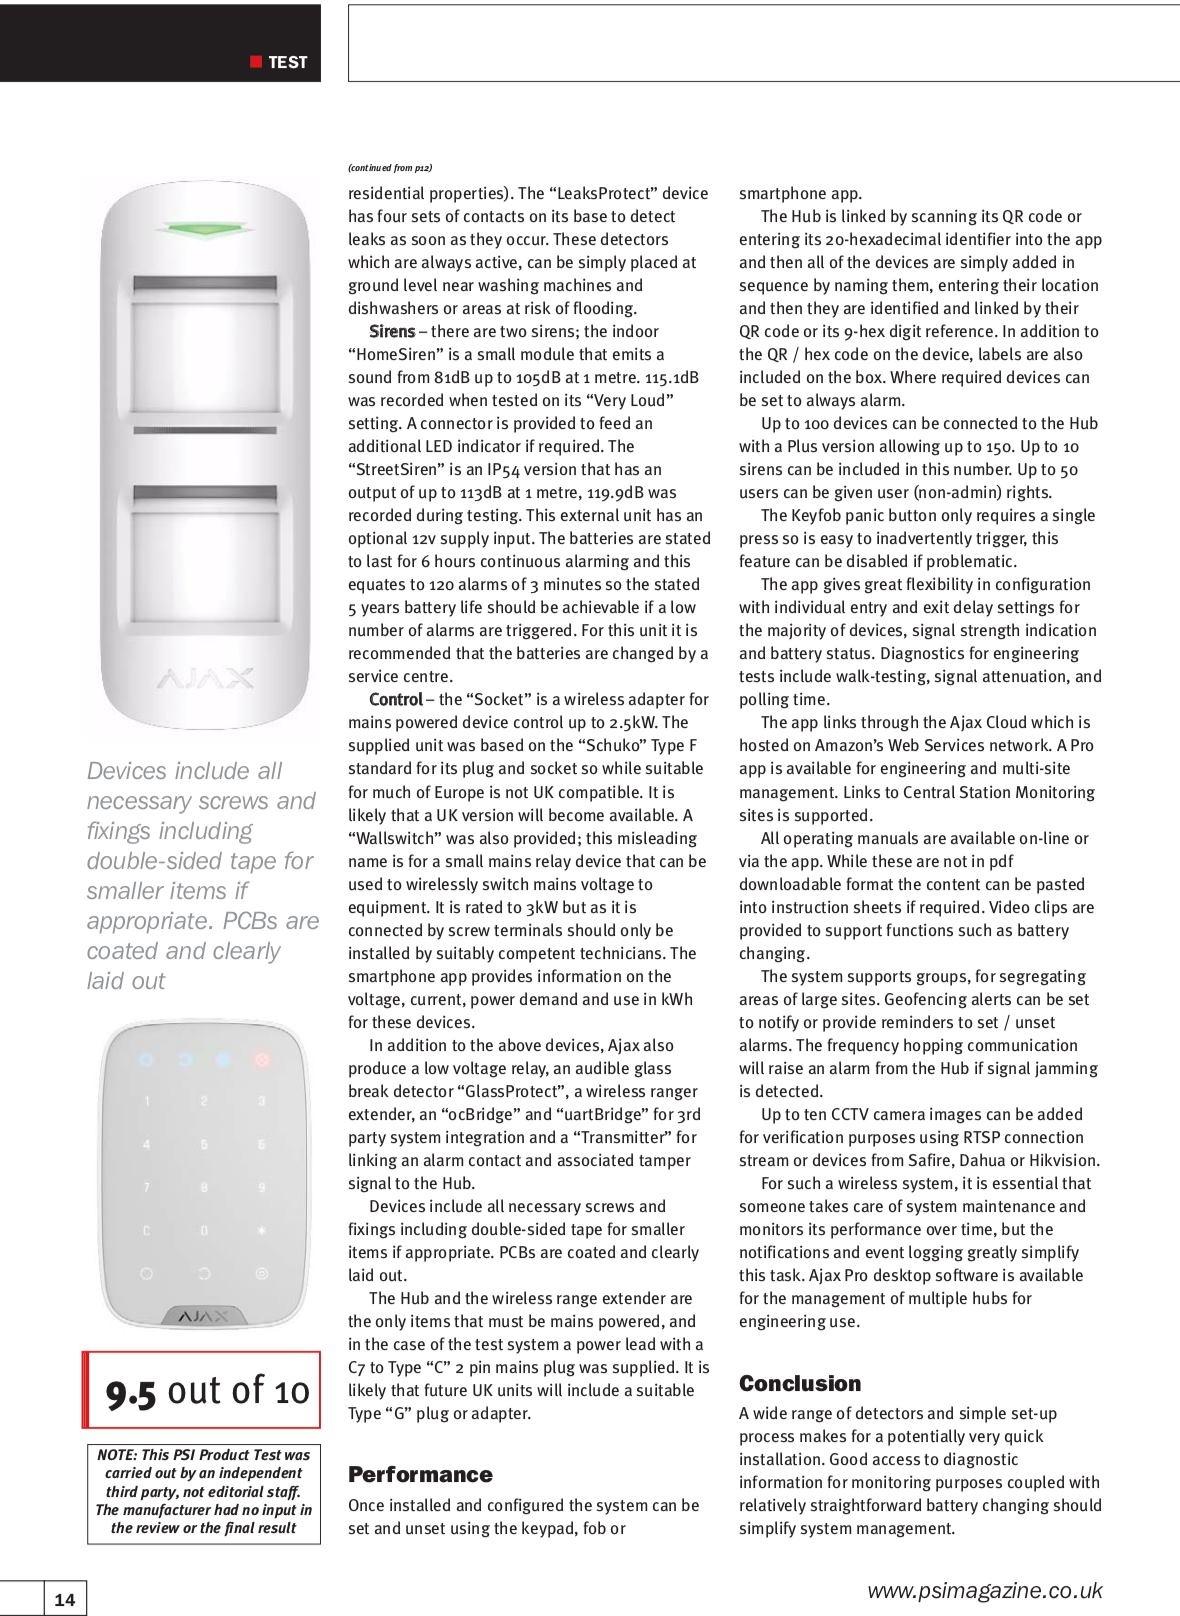 Ajax Systems werd getest door het gerenommeerde PSI Magazine (UK) en behaalt een score van 9,5/10